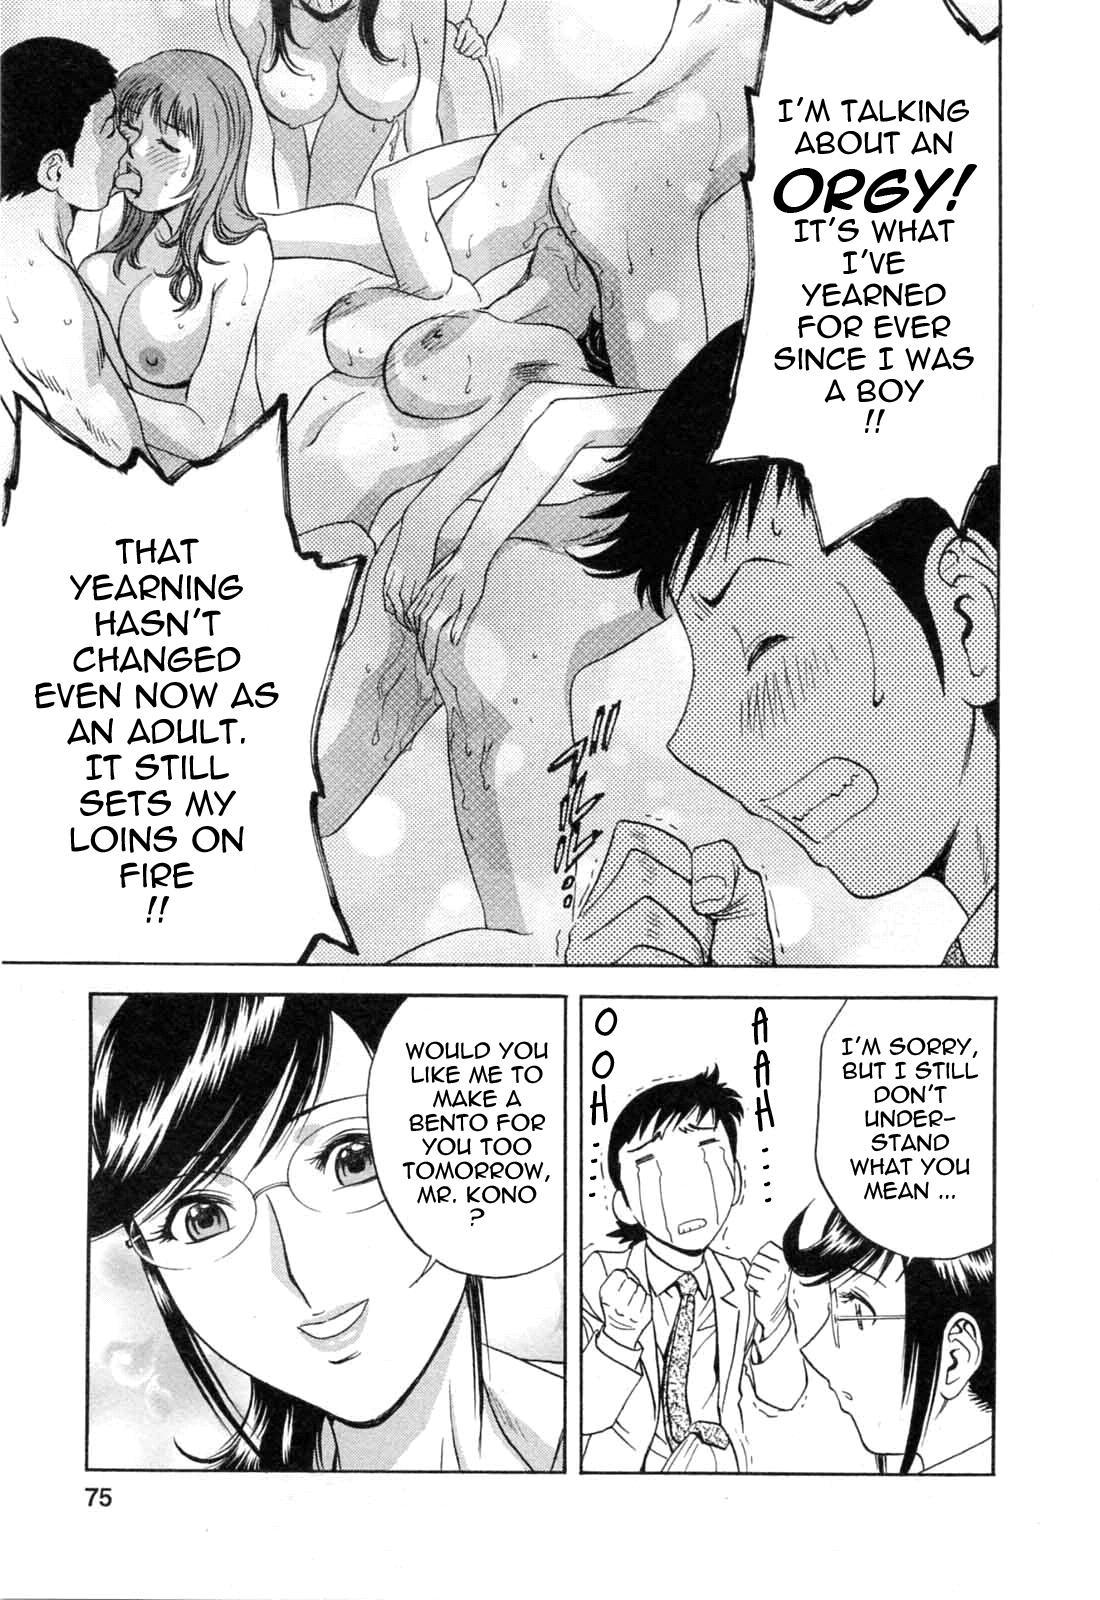 [Hidemaru] Mo-Retsu! Boin Sensei (Boing Boing Teacher) Vol.5 [English] [4dawgz] [Tadanohito] 74